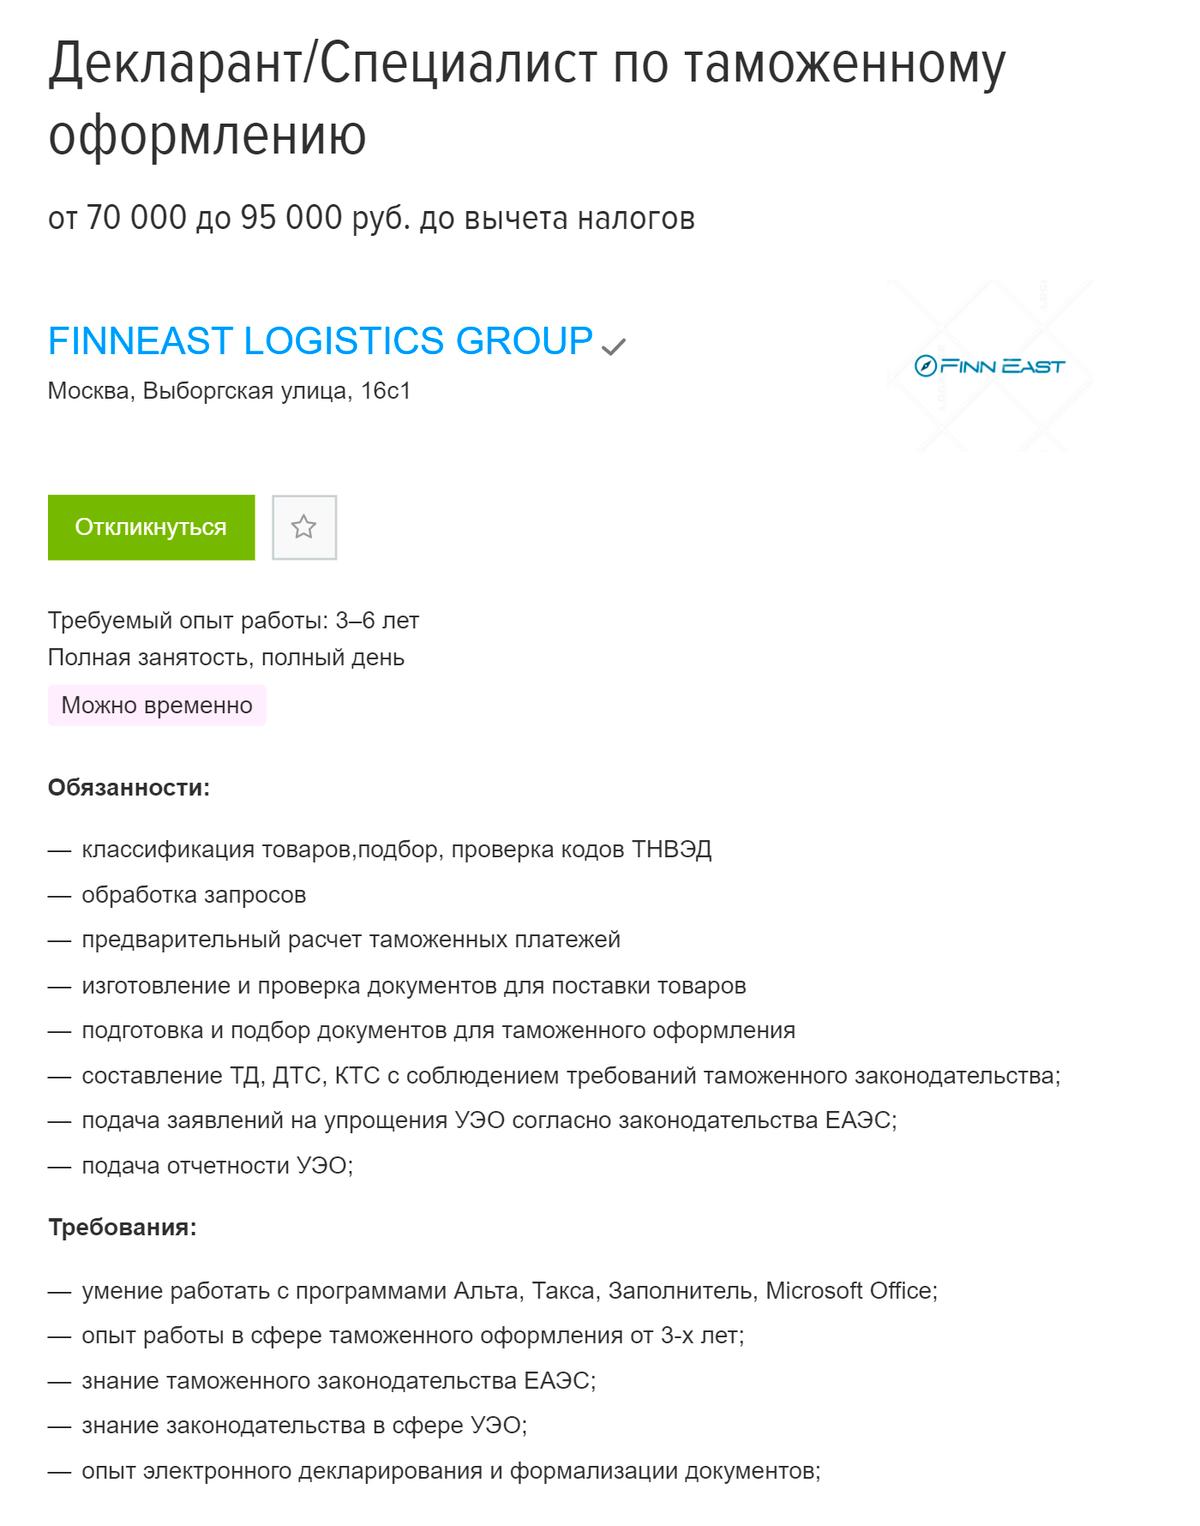 В Москве таможенный представитель ищет специалиста по таможенному оформлению на зарплату 75 000 &mdash; 90 000<span class=ruble>Р</span>